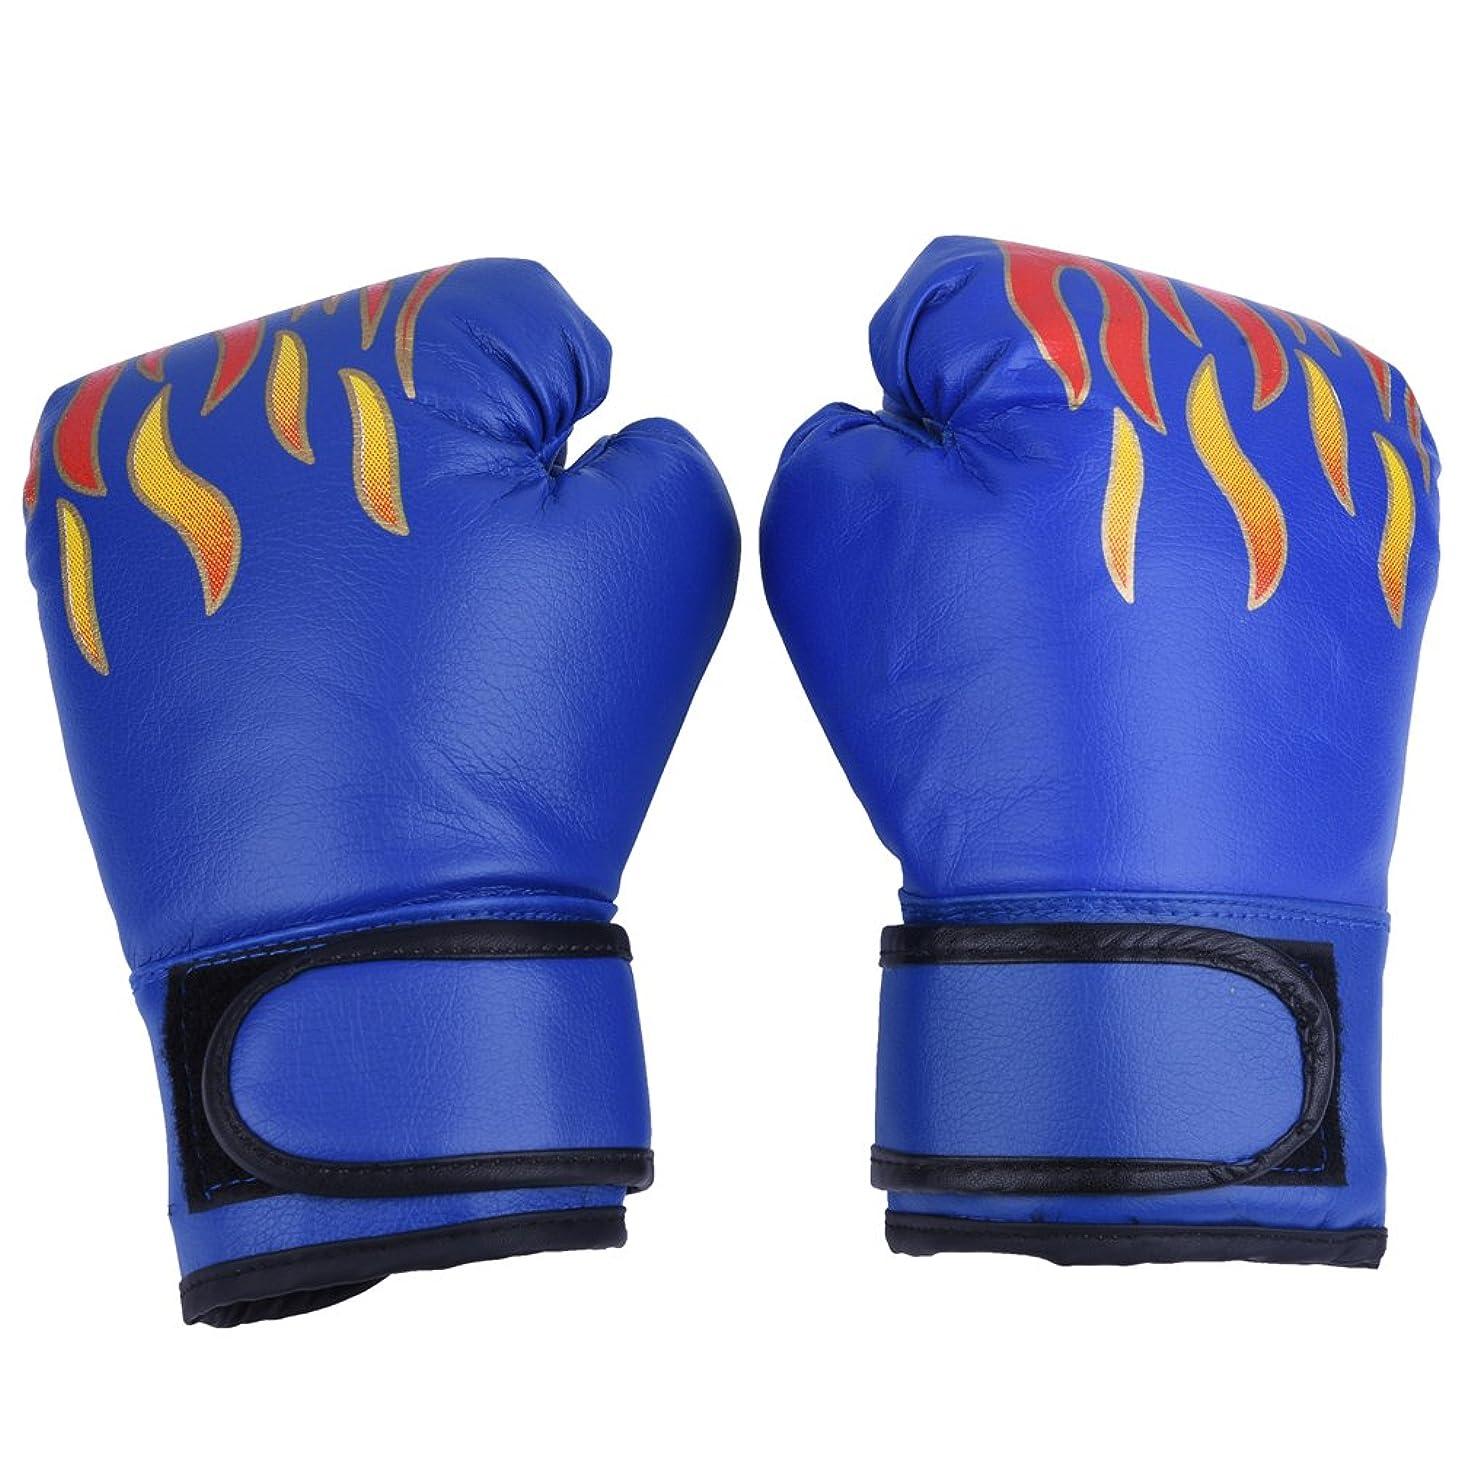 路面電車閲覧する喜んで1ペア ボクシンググローブ パンチンググローブ 子供用 手袋 拳闘 武術?格闘技 空手 防具 PUレザー製 通気性 キックボクシング パンチング トレーニング スパーリング 全3色